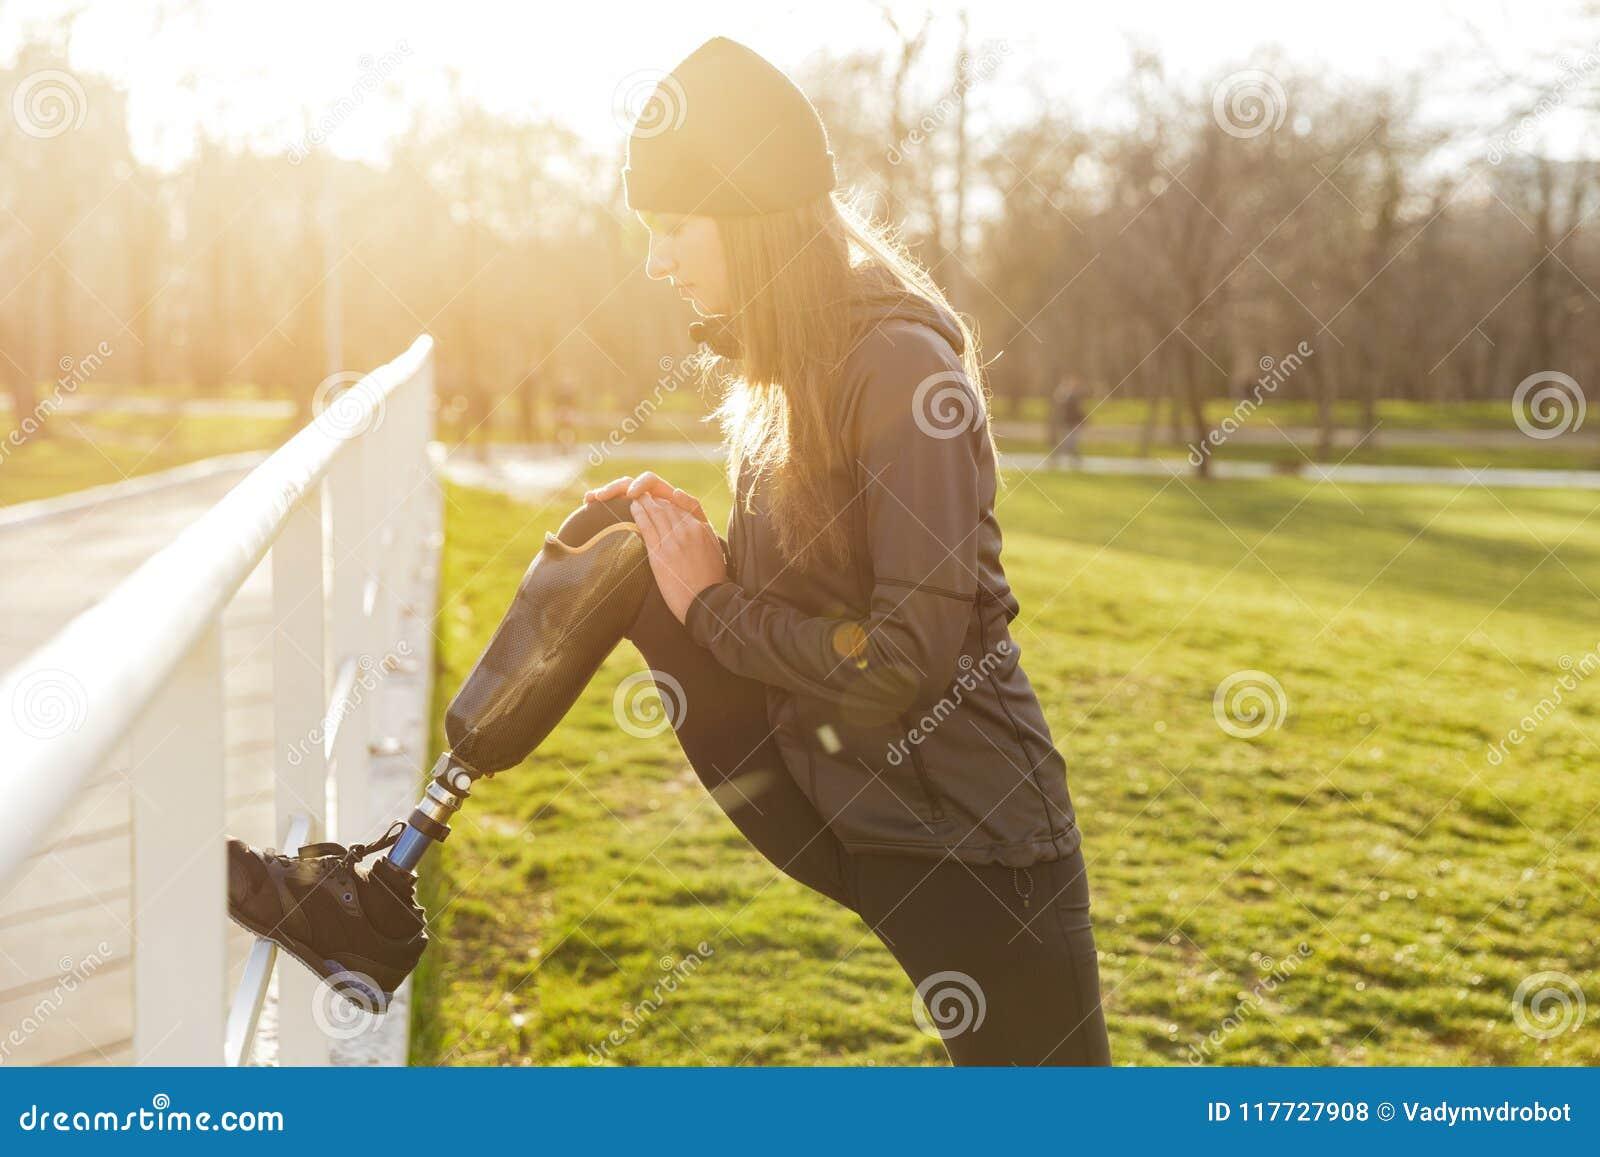 Imagem da menina atlética dos enfermos no sportswear, fazendo esportes e